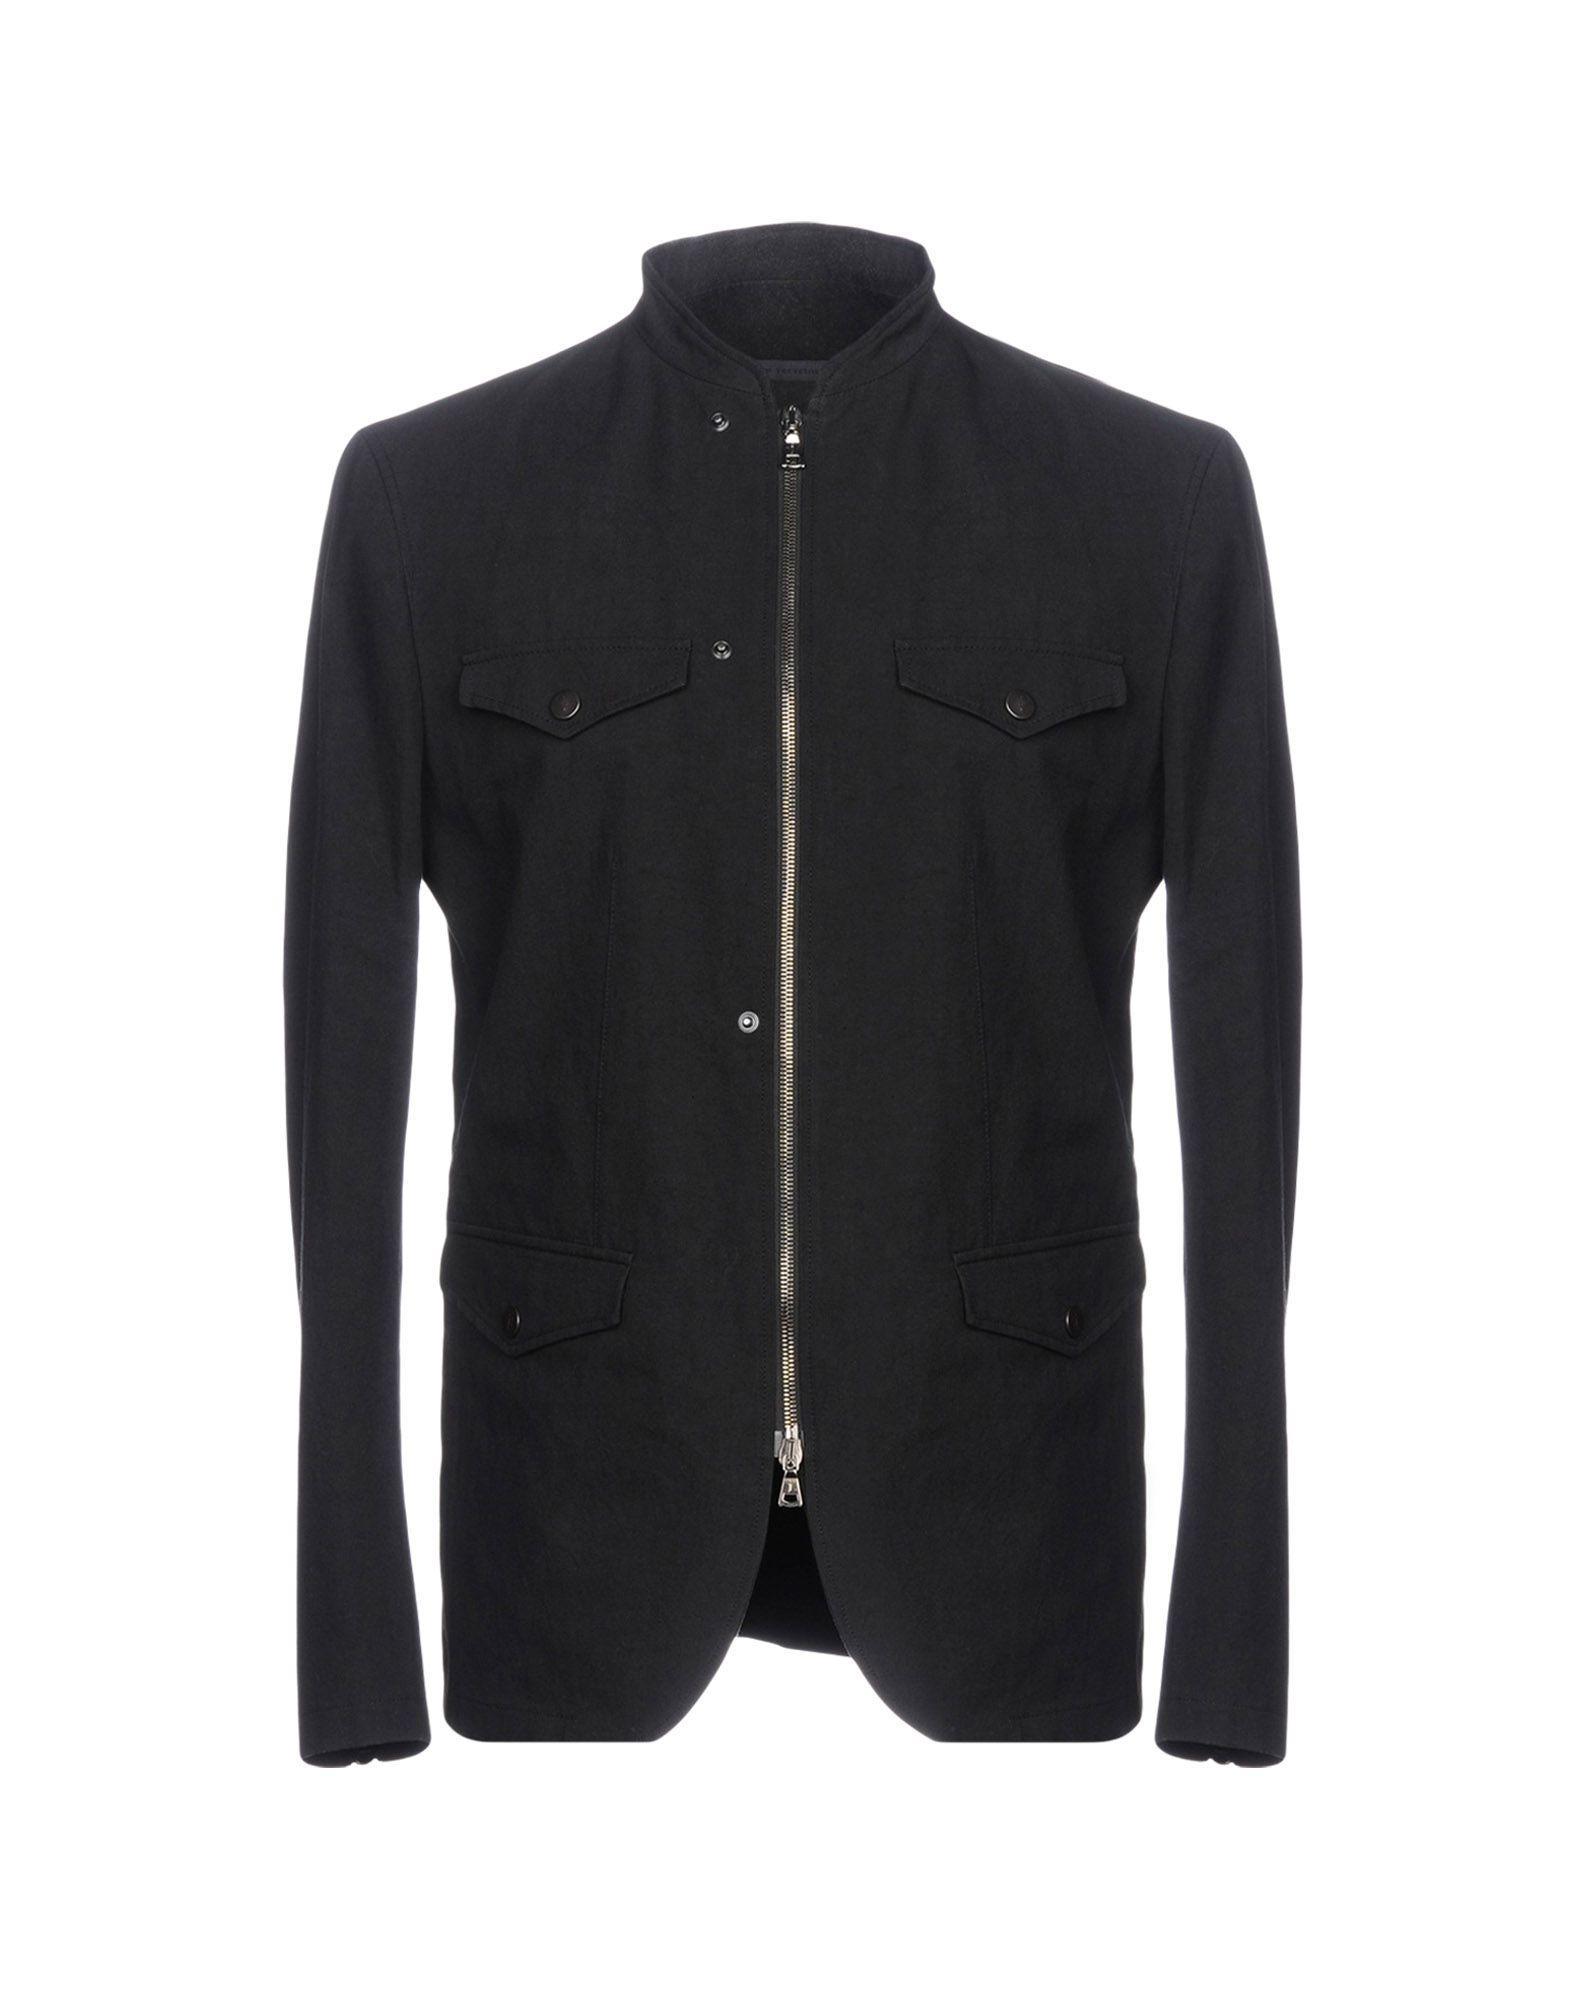 John Varvatos Jacket In Black